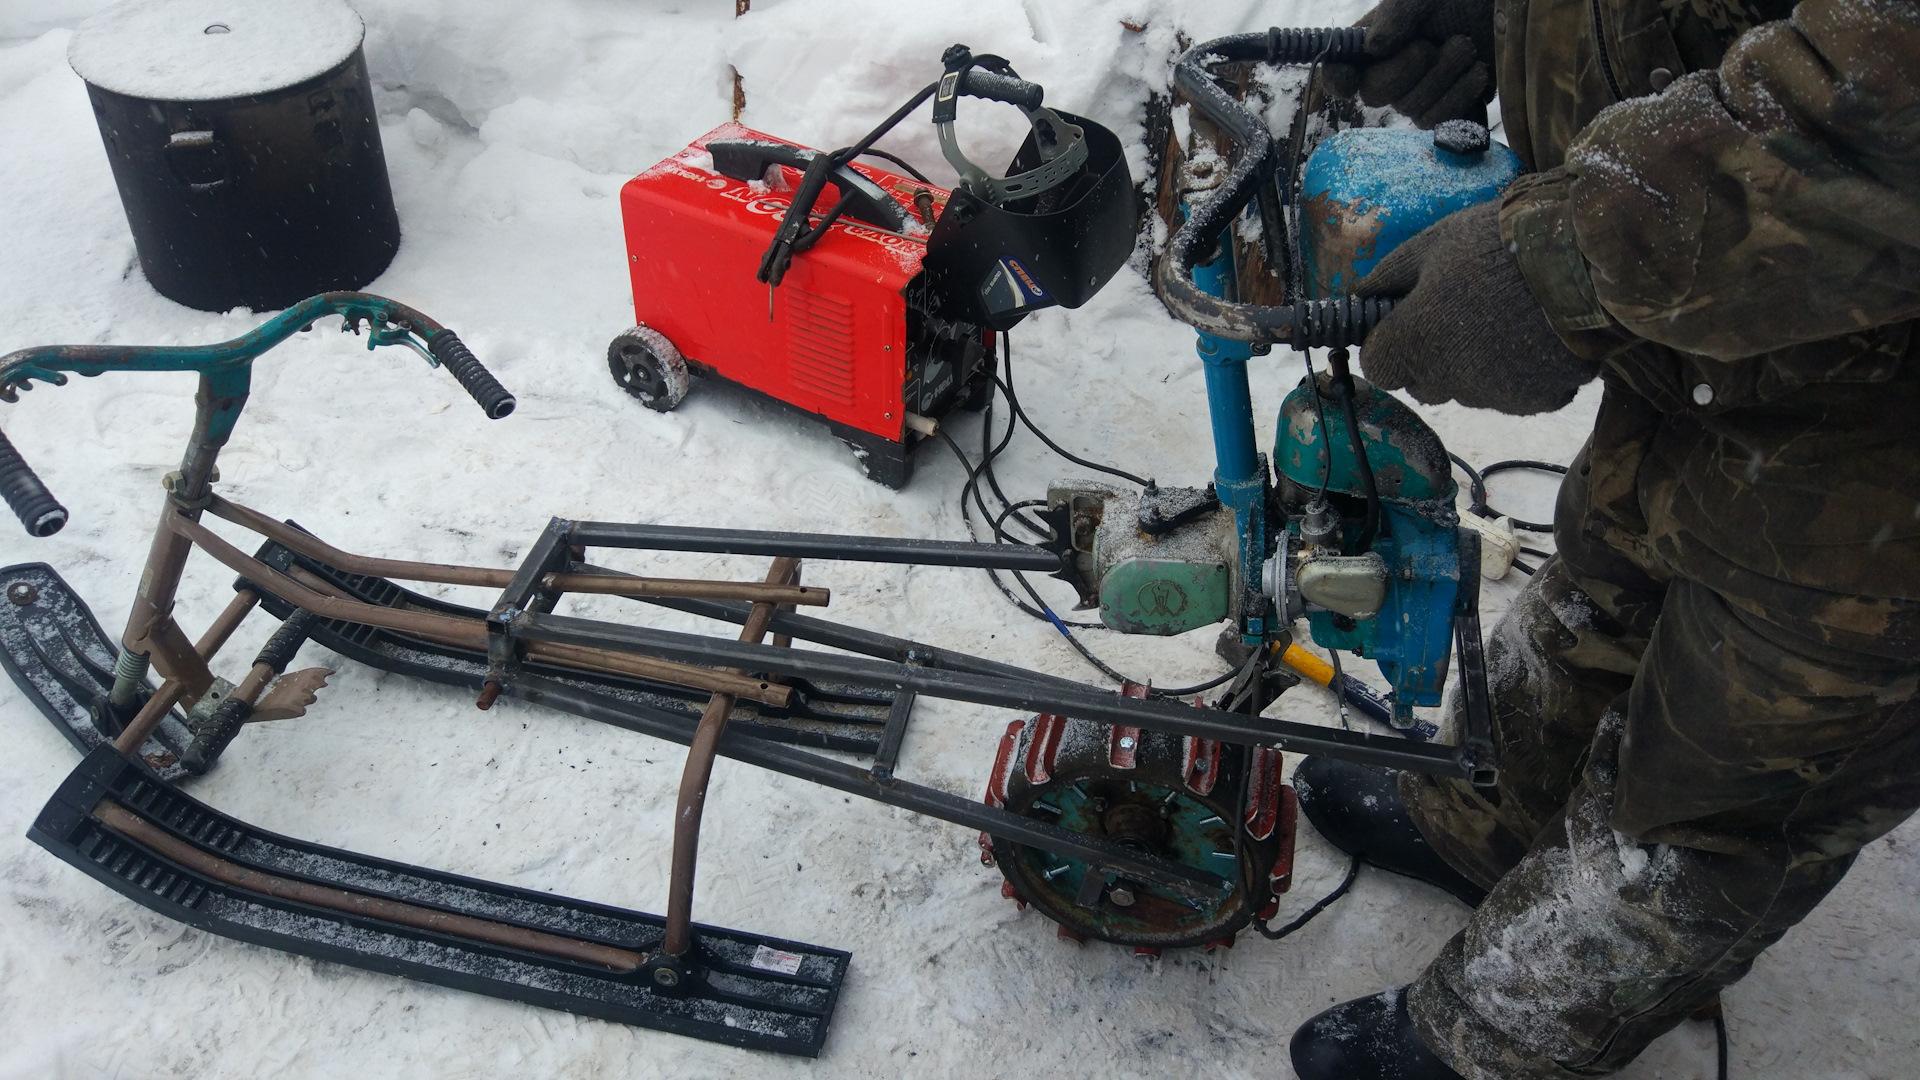 Как сделать снегоход из бензопилы своими руками?